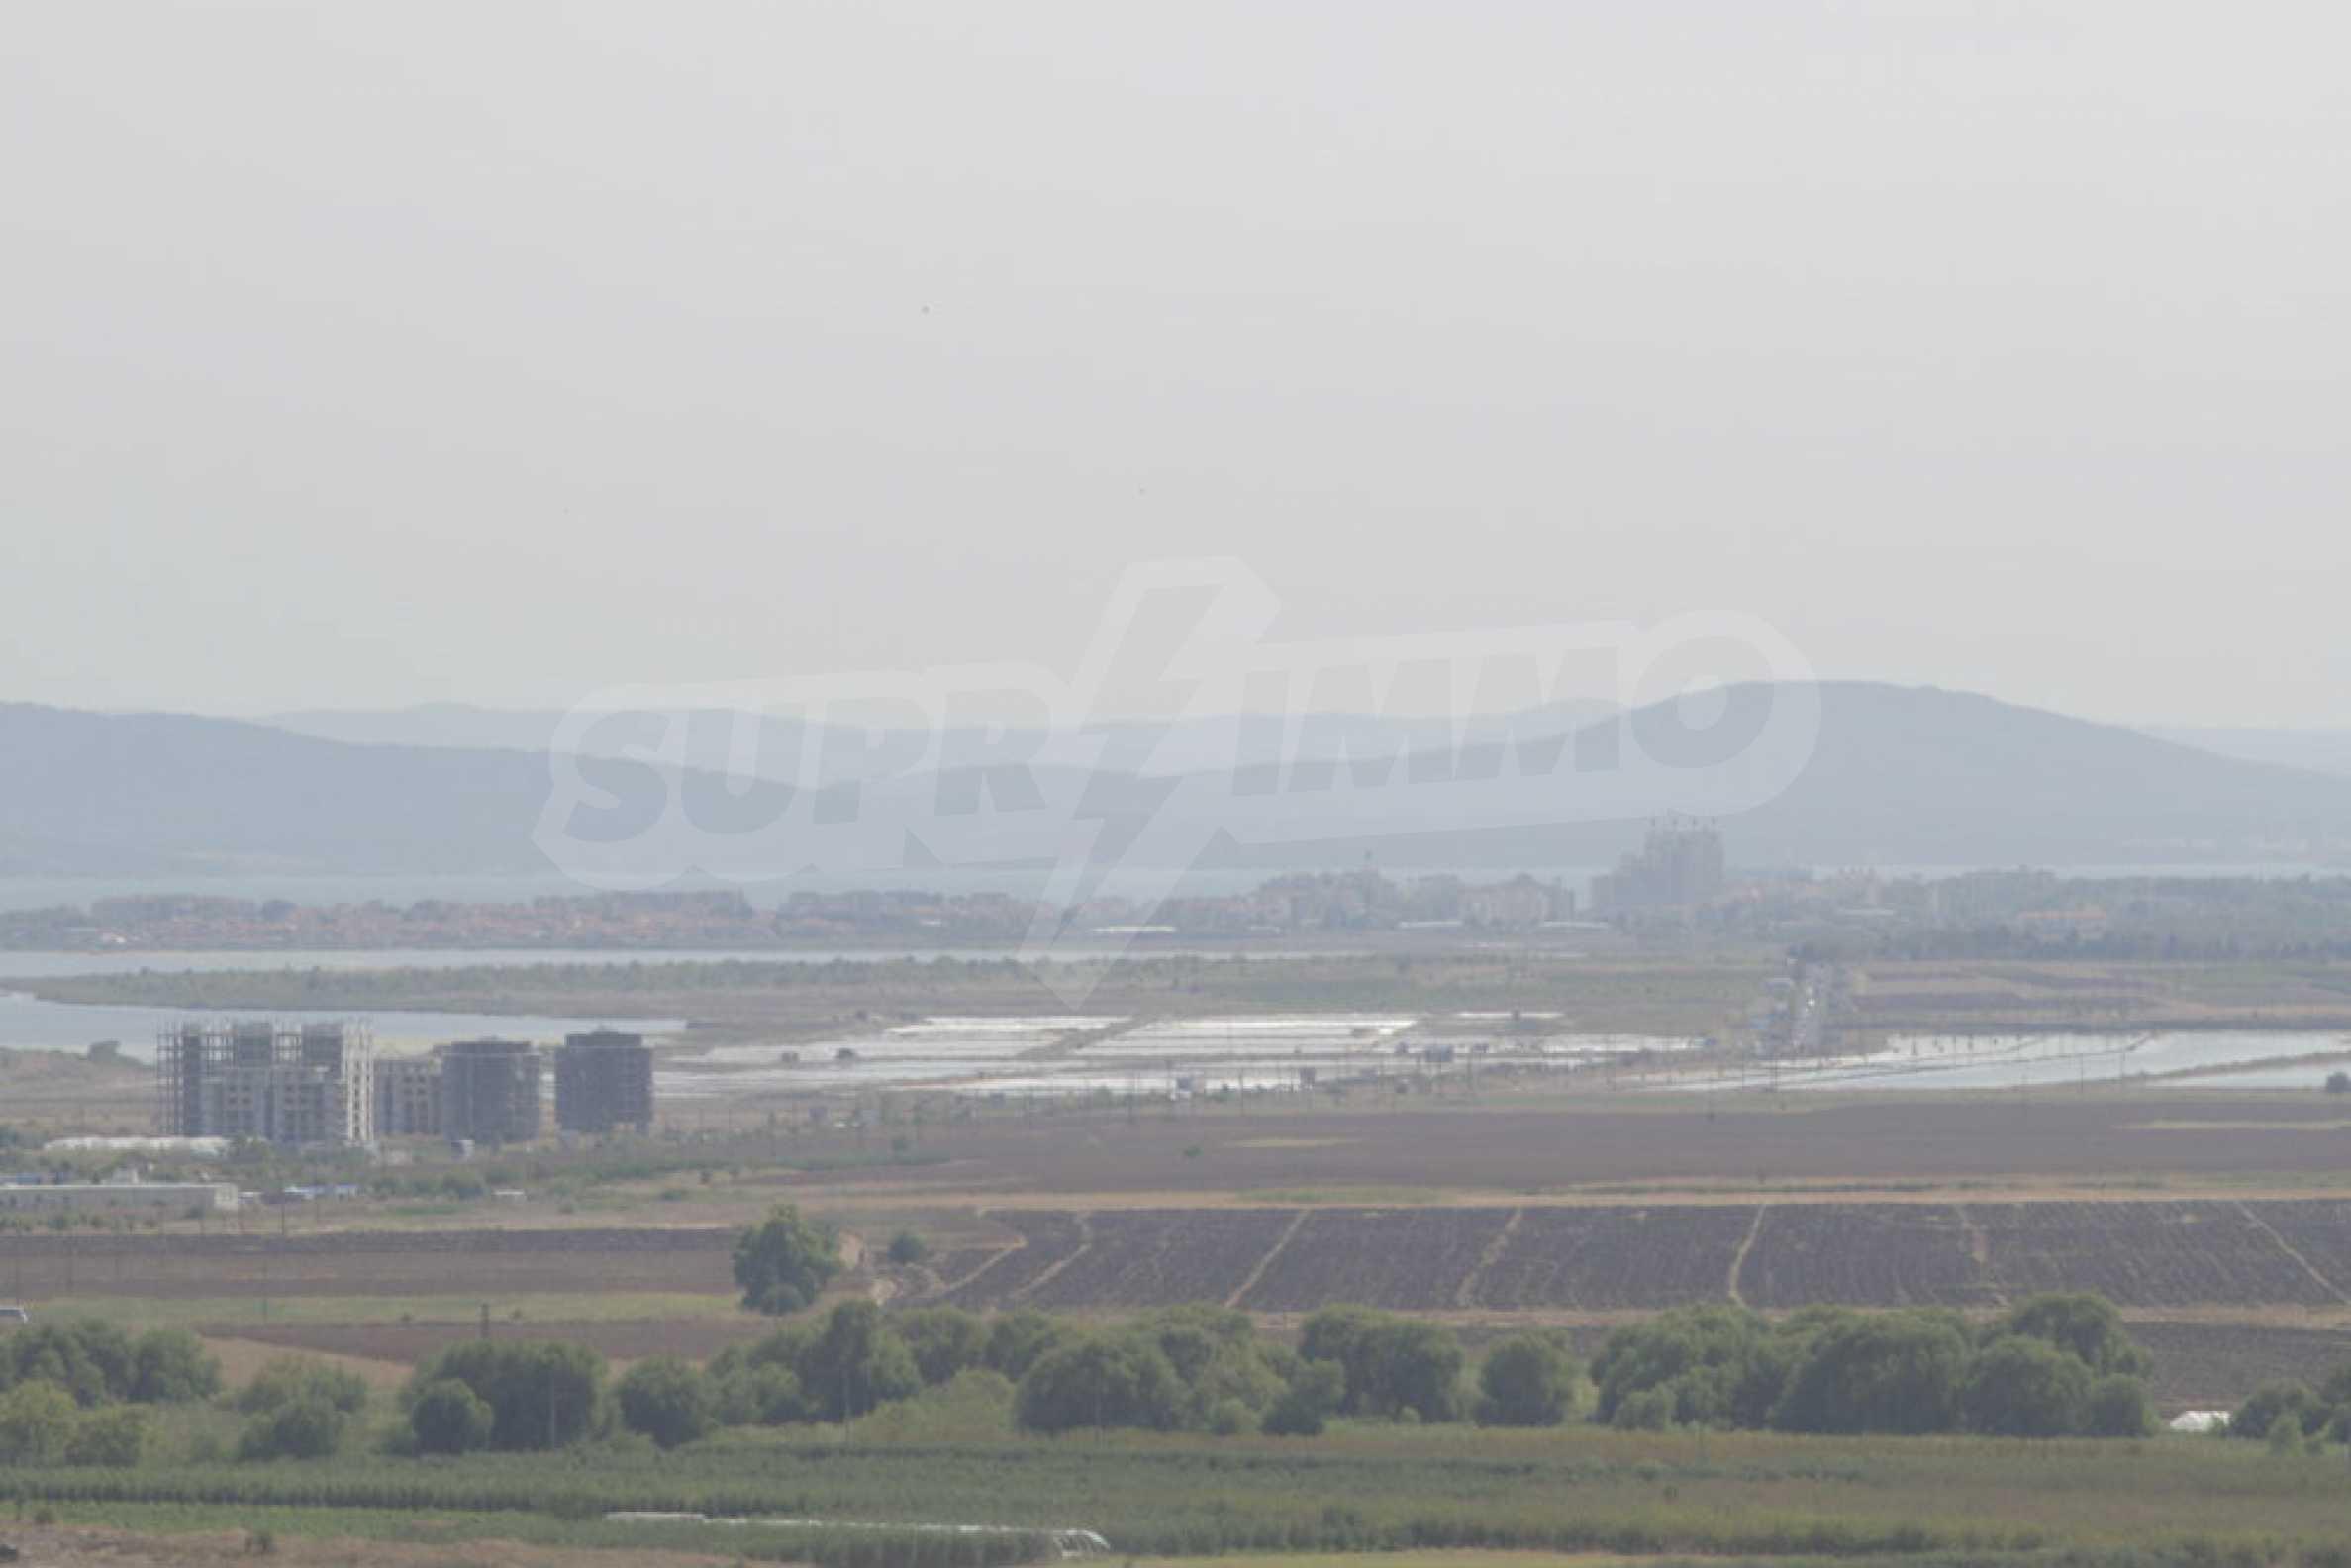 Attraktives Grundstück für Investieren in der Nähe des historischen Komplexes Aheloy 917 und Sonnenstrand, bei Tankowo und Aheloy 34